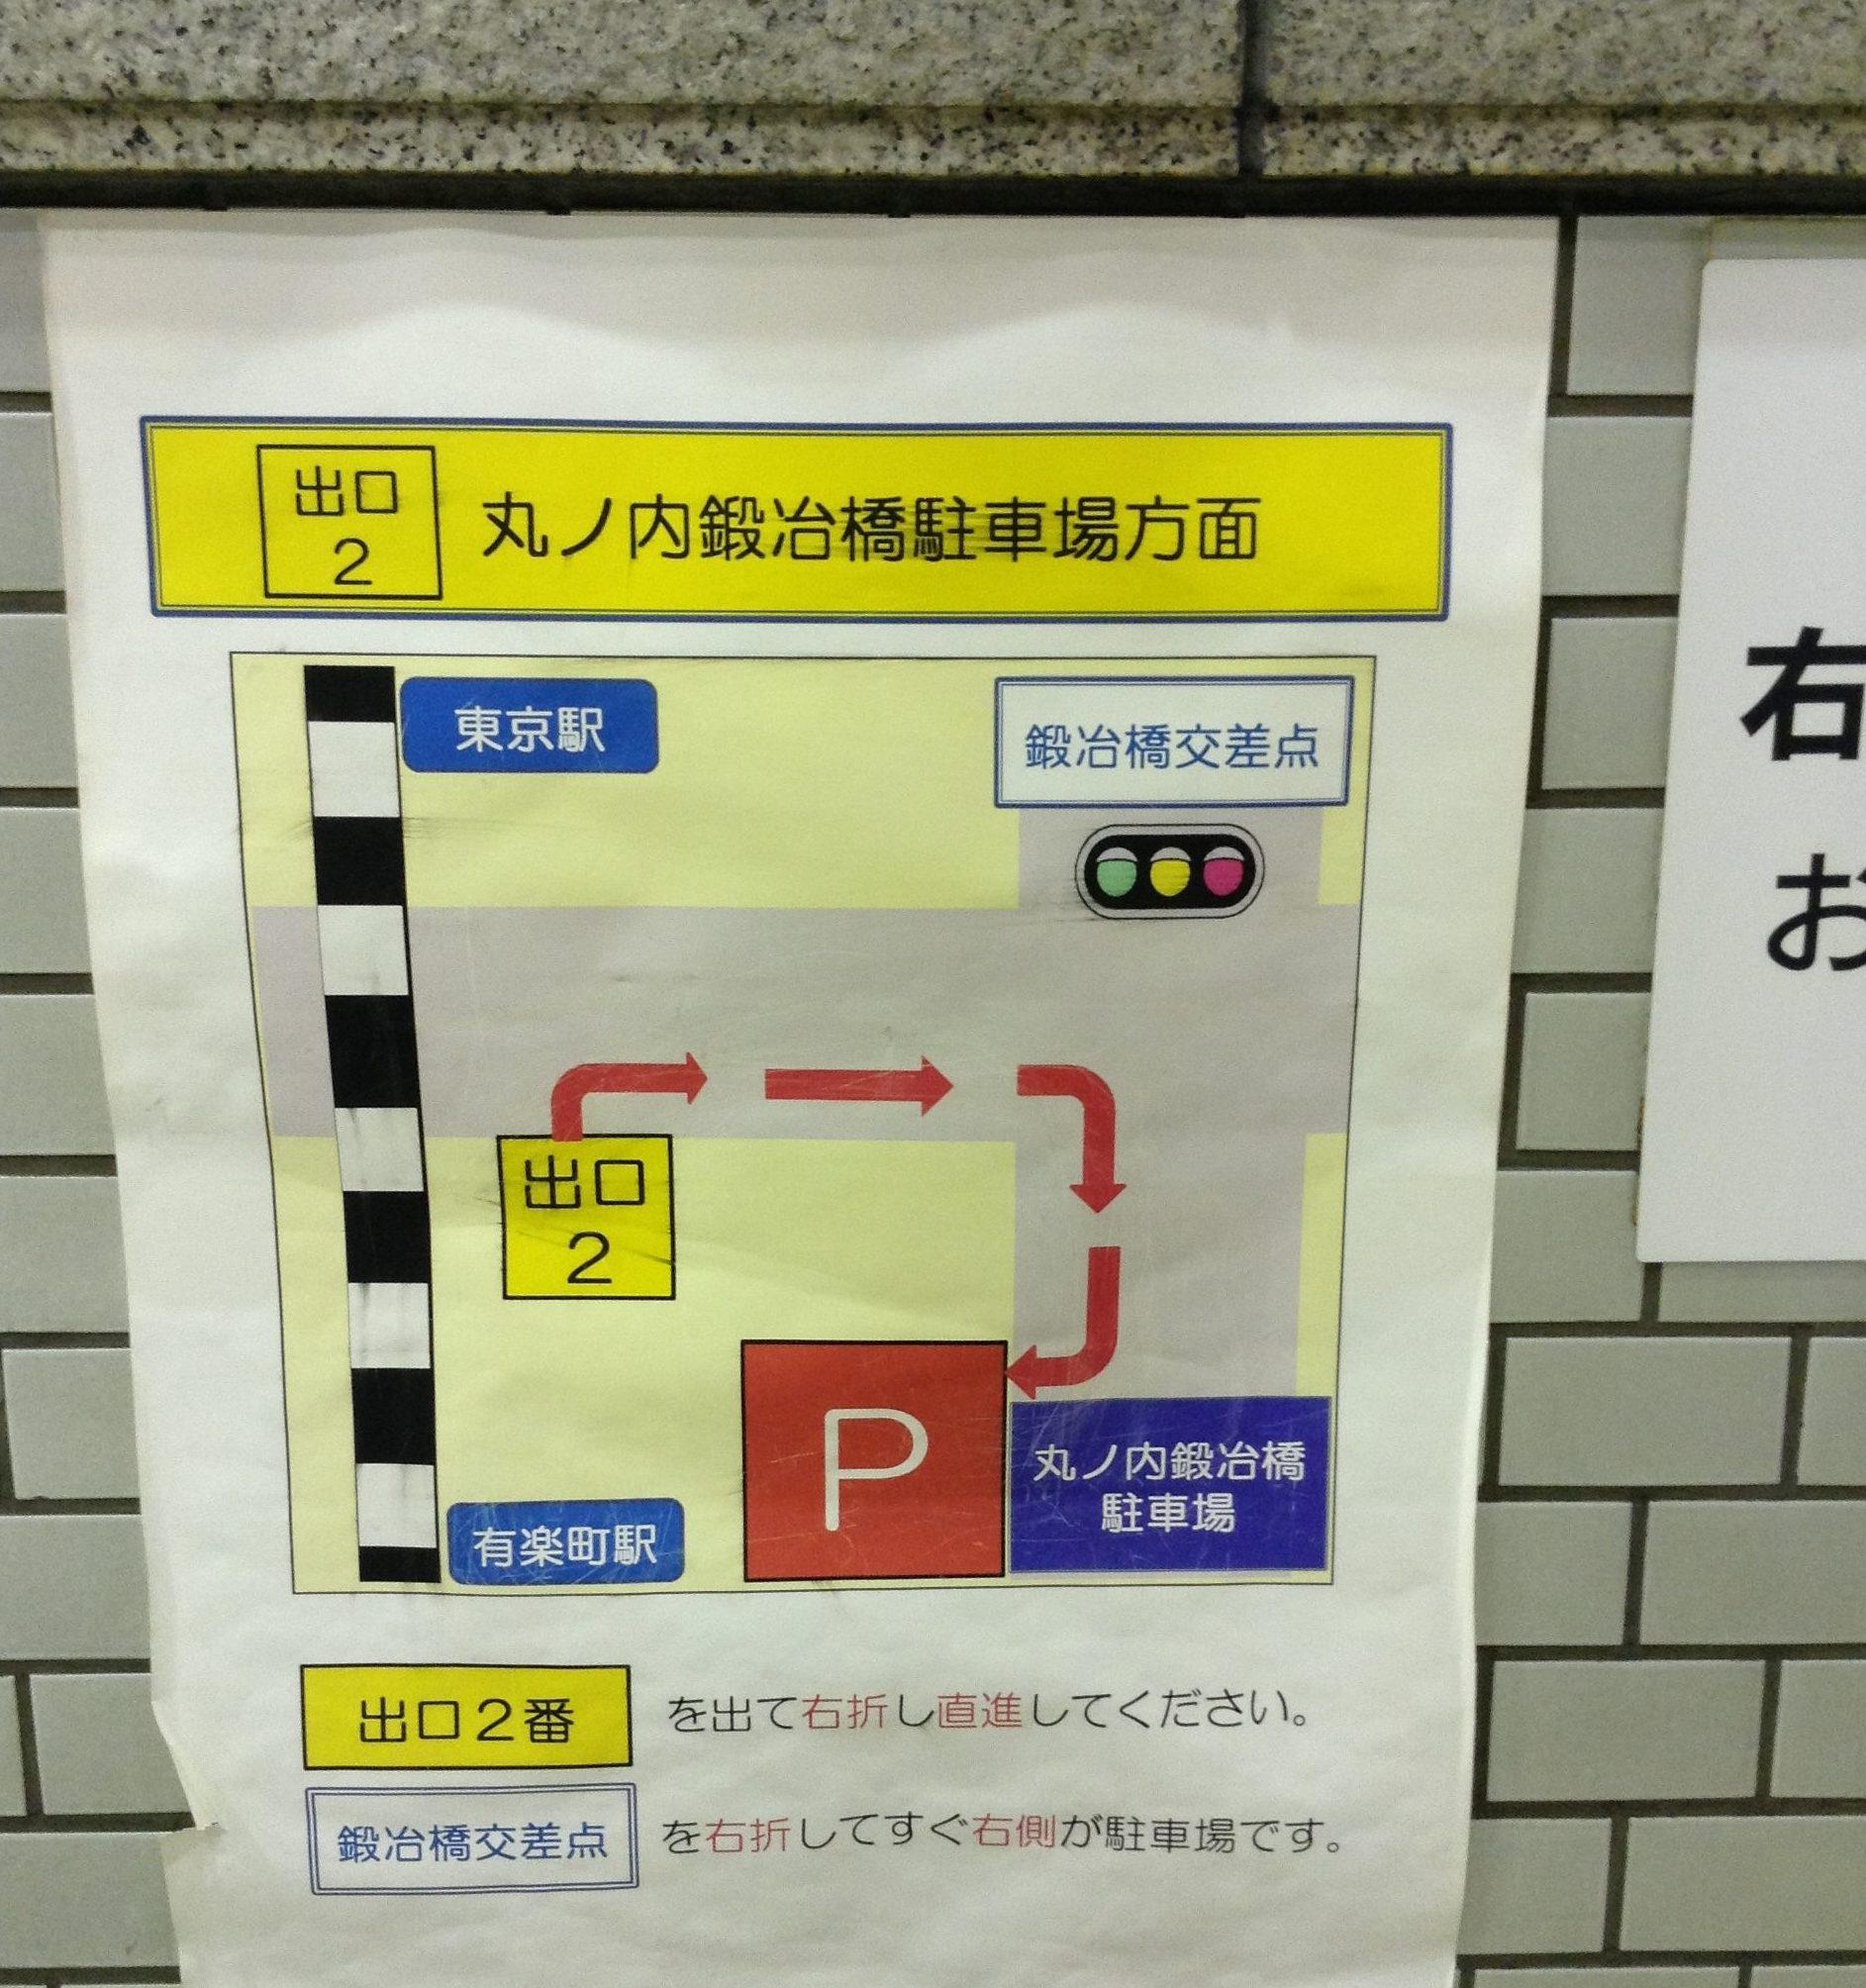 京葉線東京駅、鍛冶橋駐車場案内